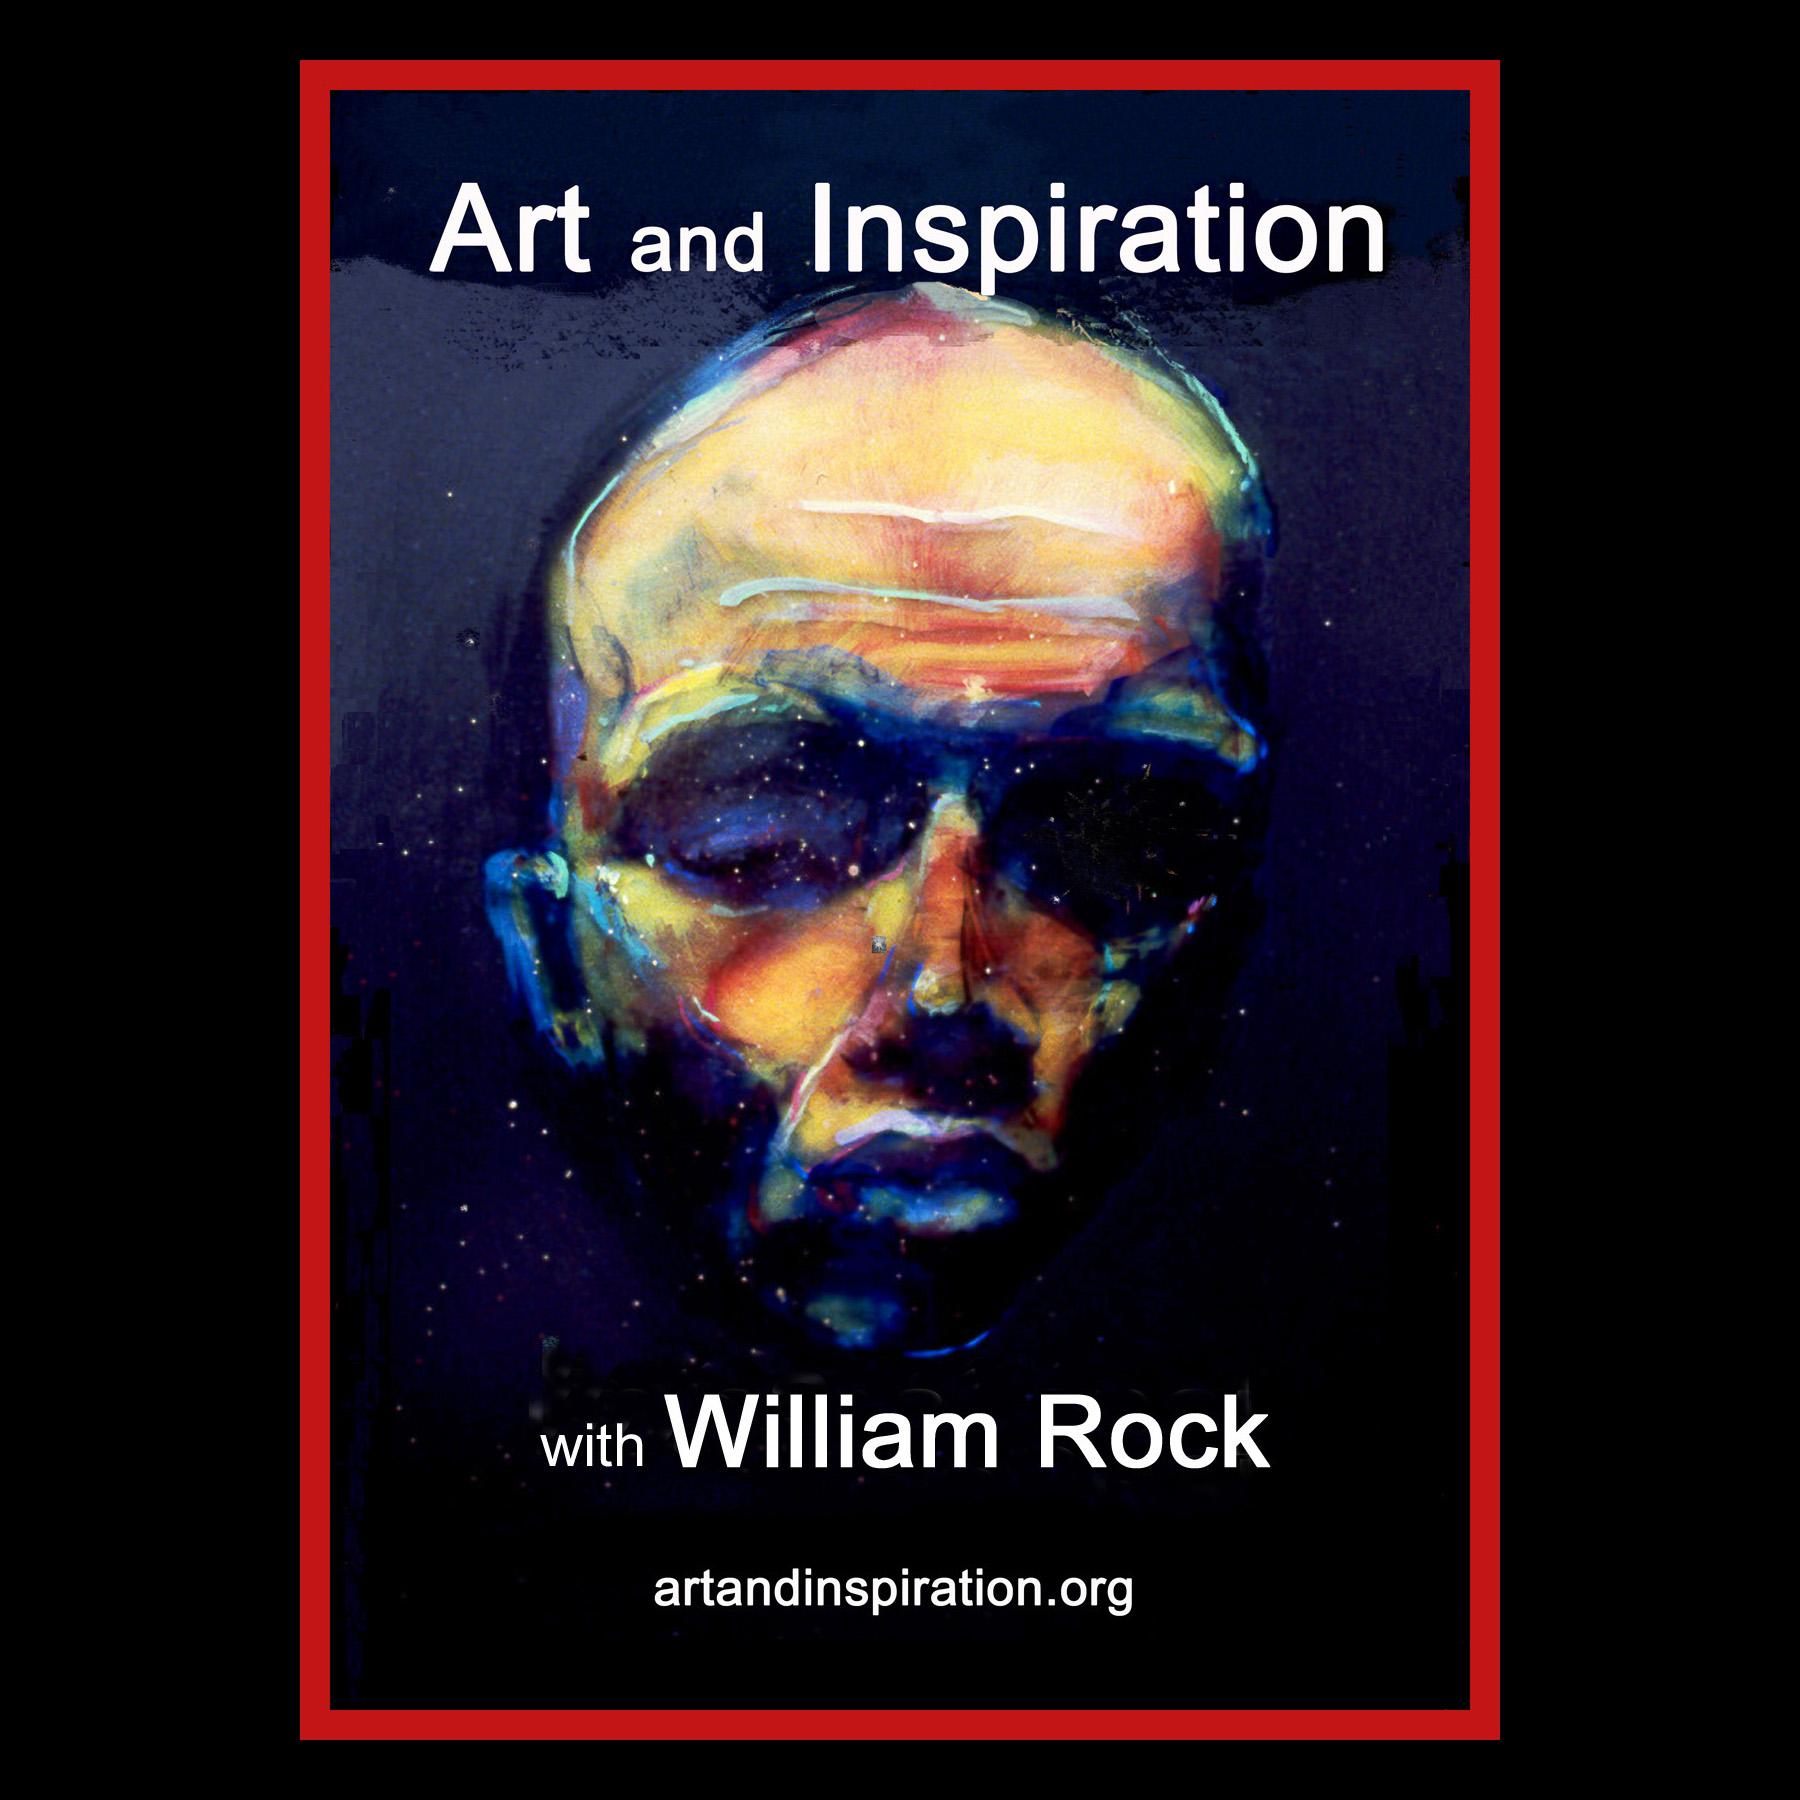 ArtandInspirationLogoweb3podbean_edited-2.jpg